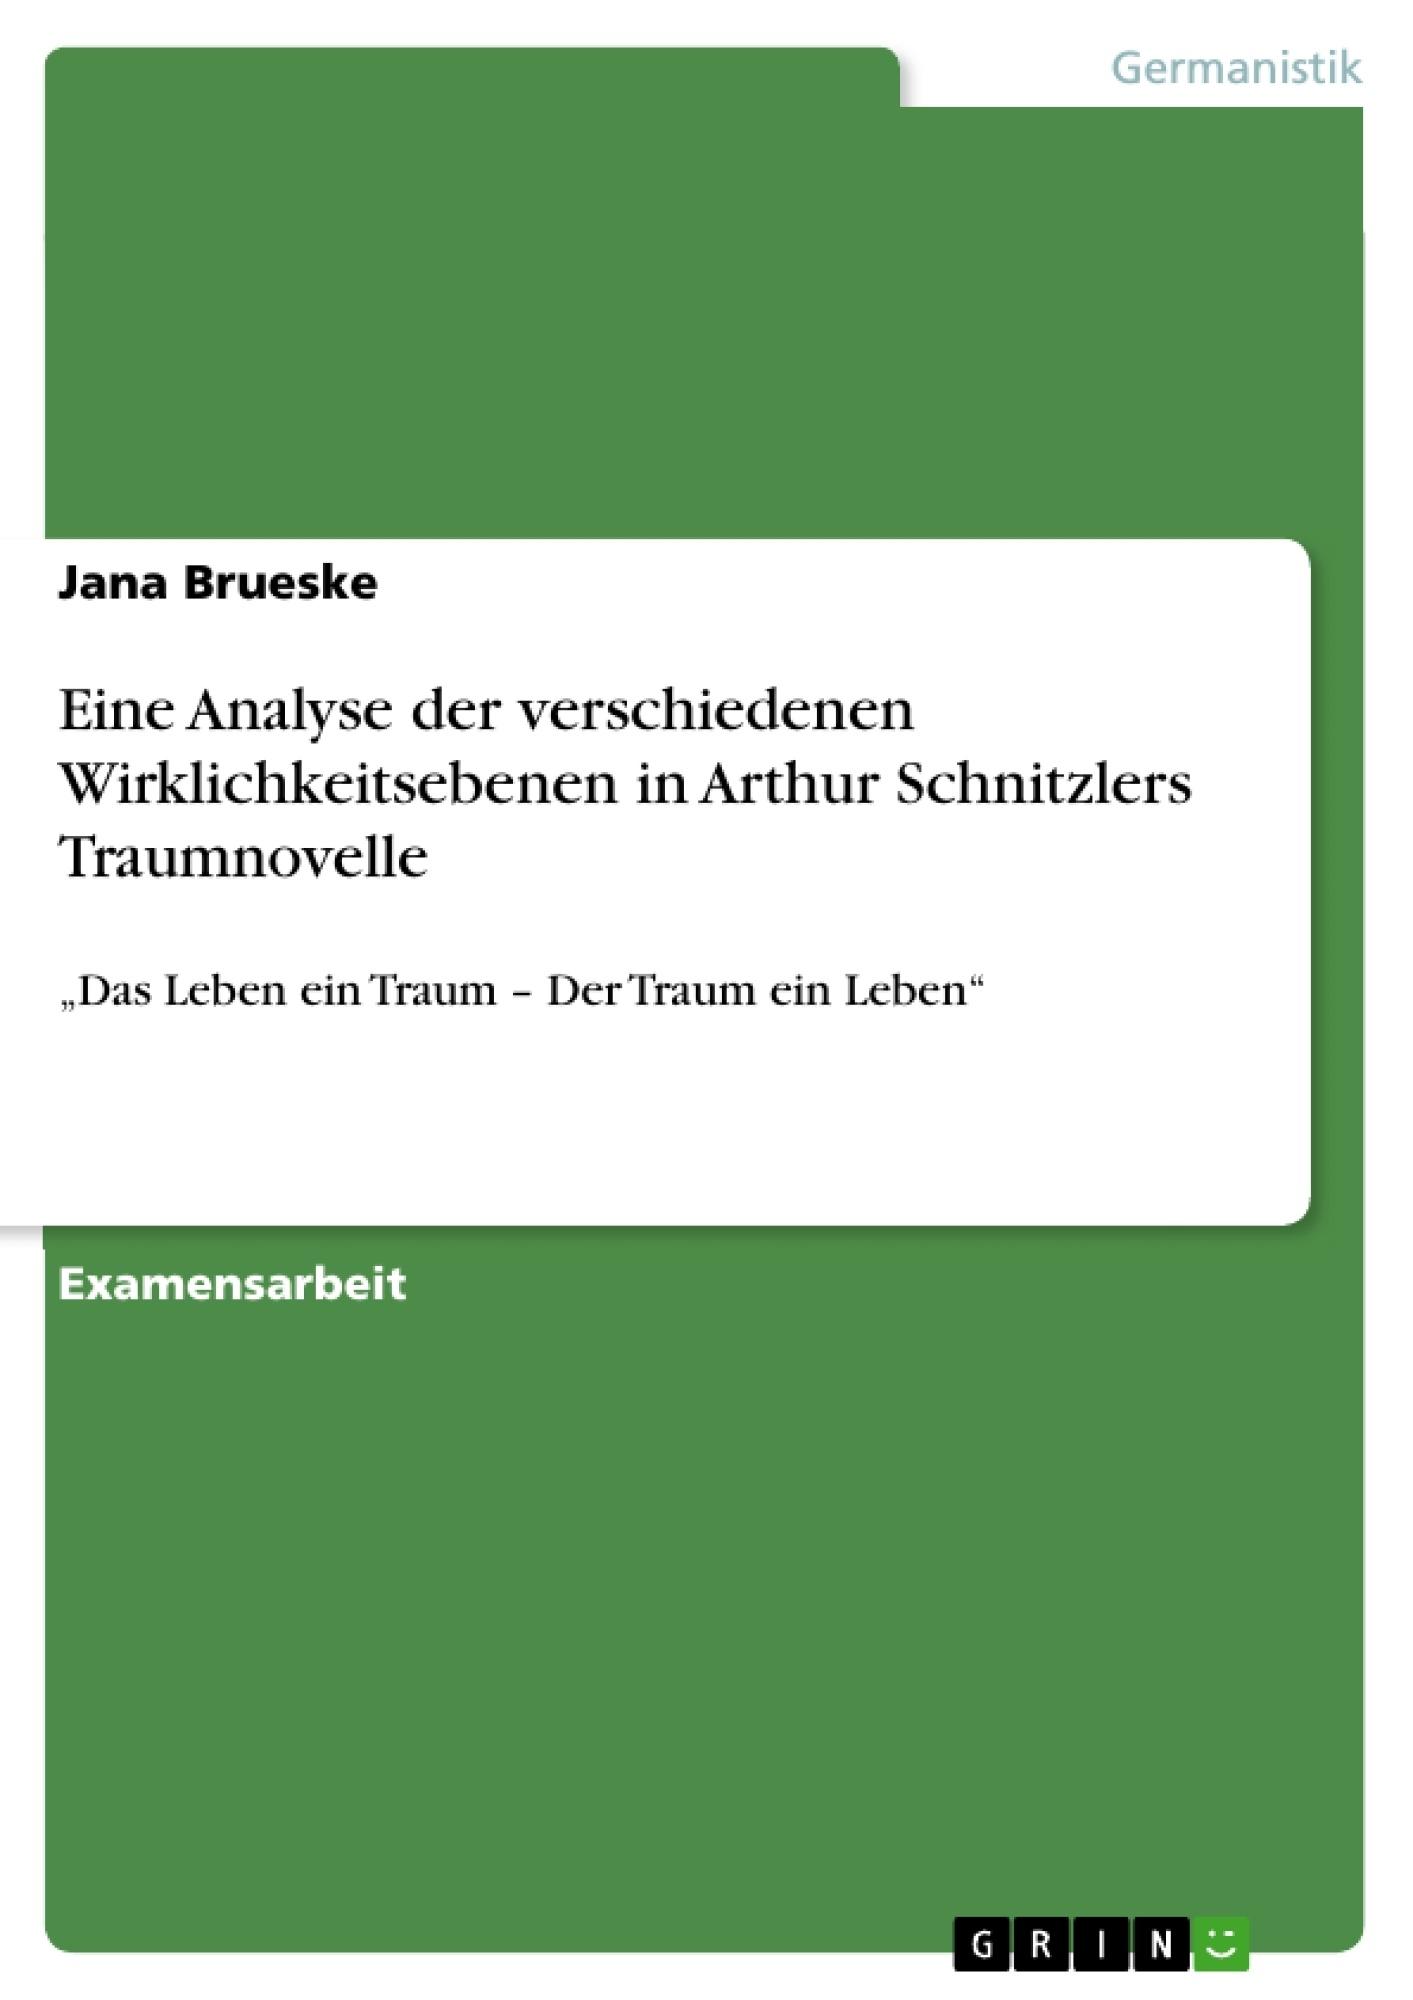 Titel: Eine Analyse der verschiedenen Wirklichkeitsebenen  in Arthur Schnitzlers Traumnovelle